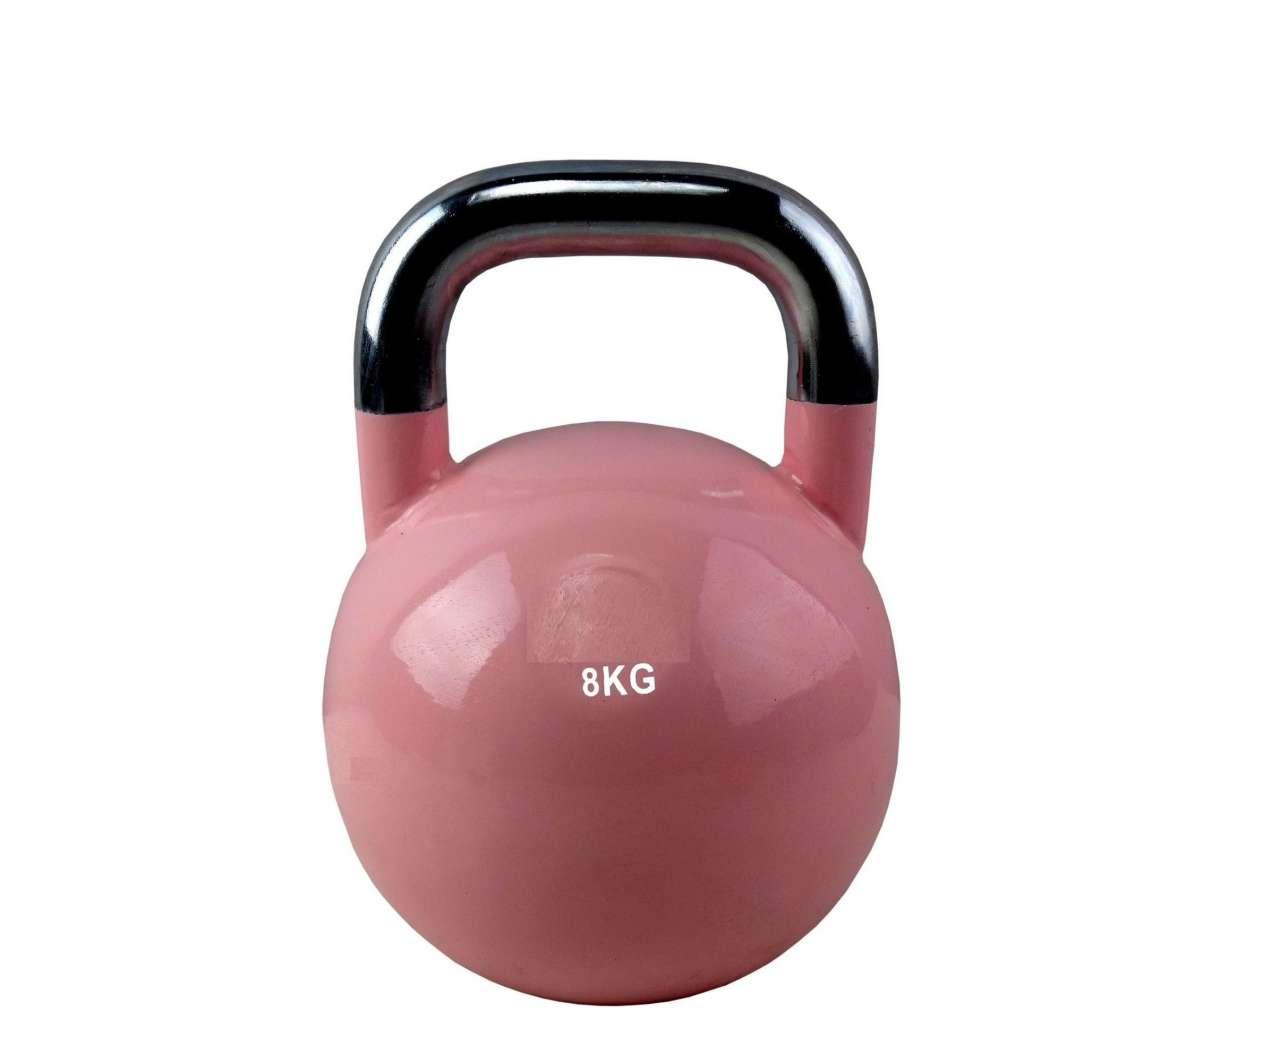 Takmičarska Girja 8kg - rusko zvono